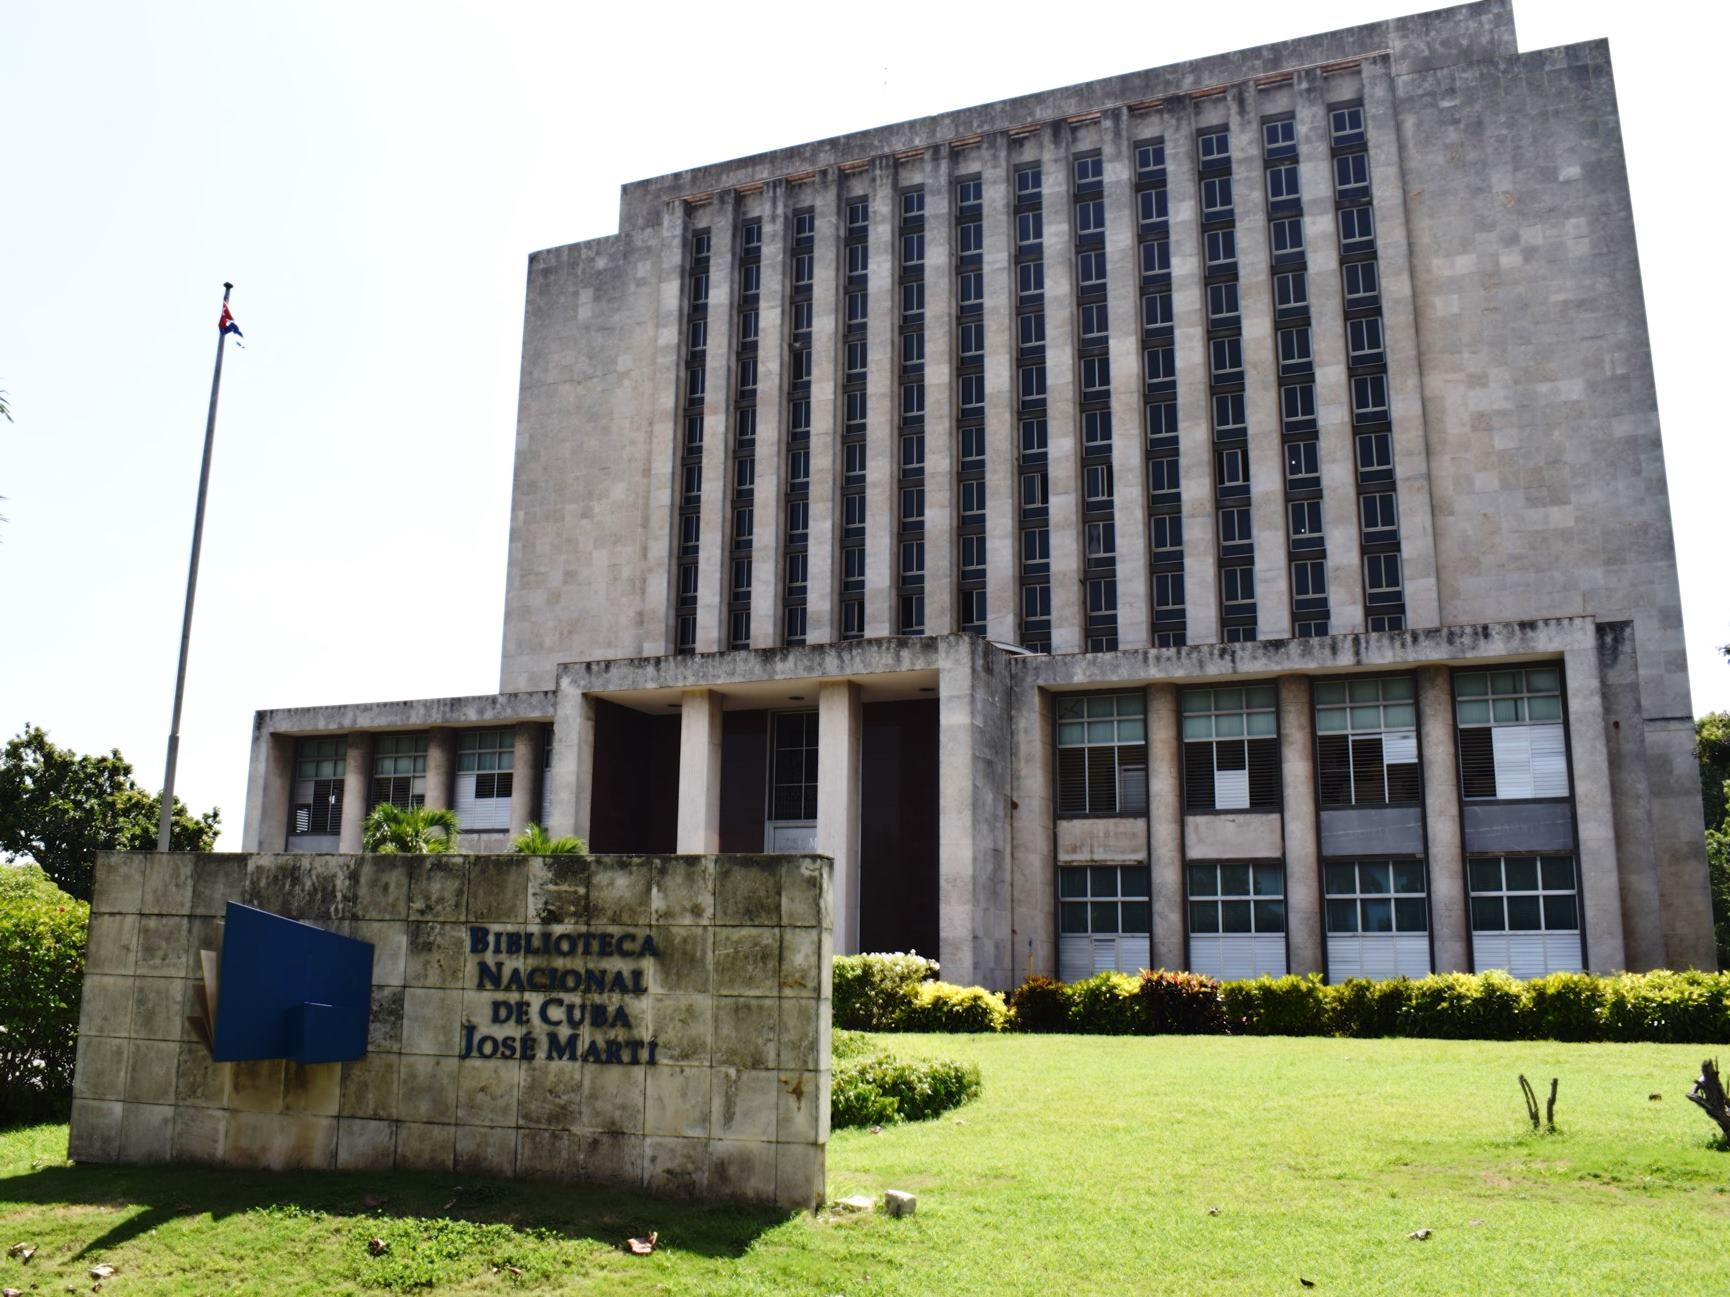 Biblioteca Nazionale di Cuba